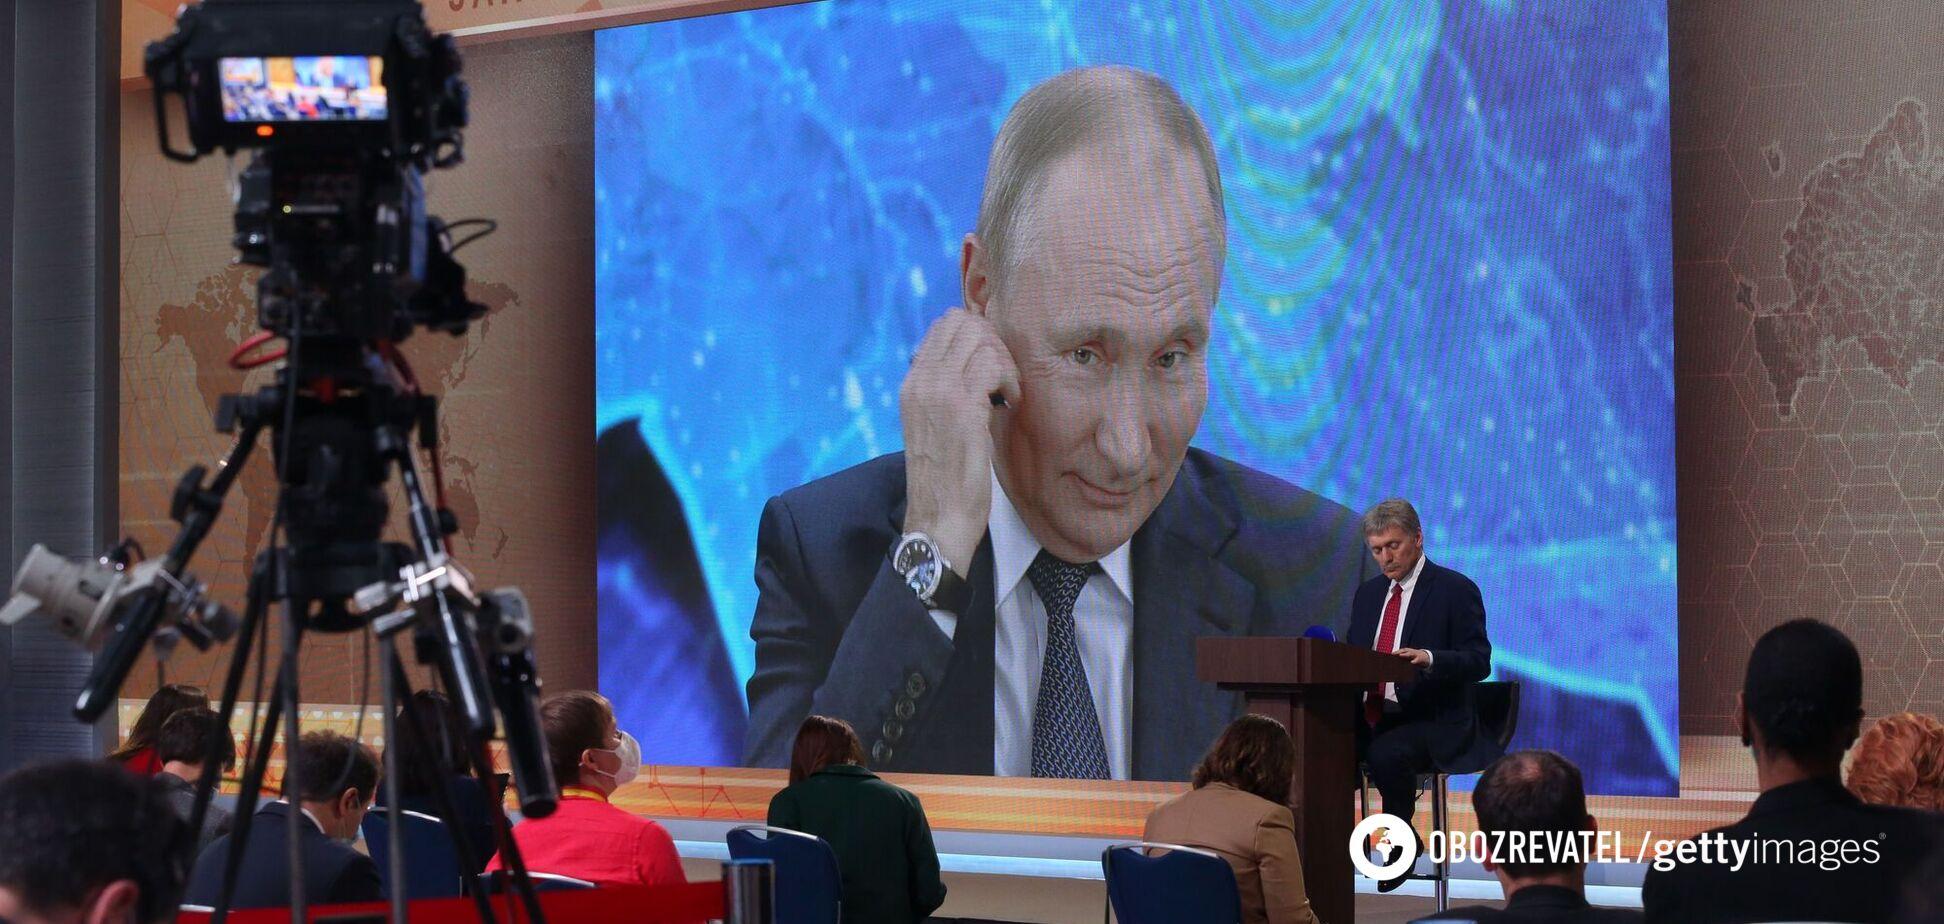 Большая пресс-конференция российского президента Владимира Путина в 2020 году прошла он-лайн